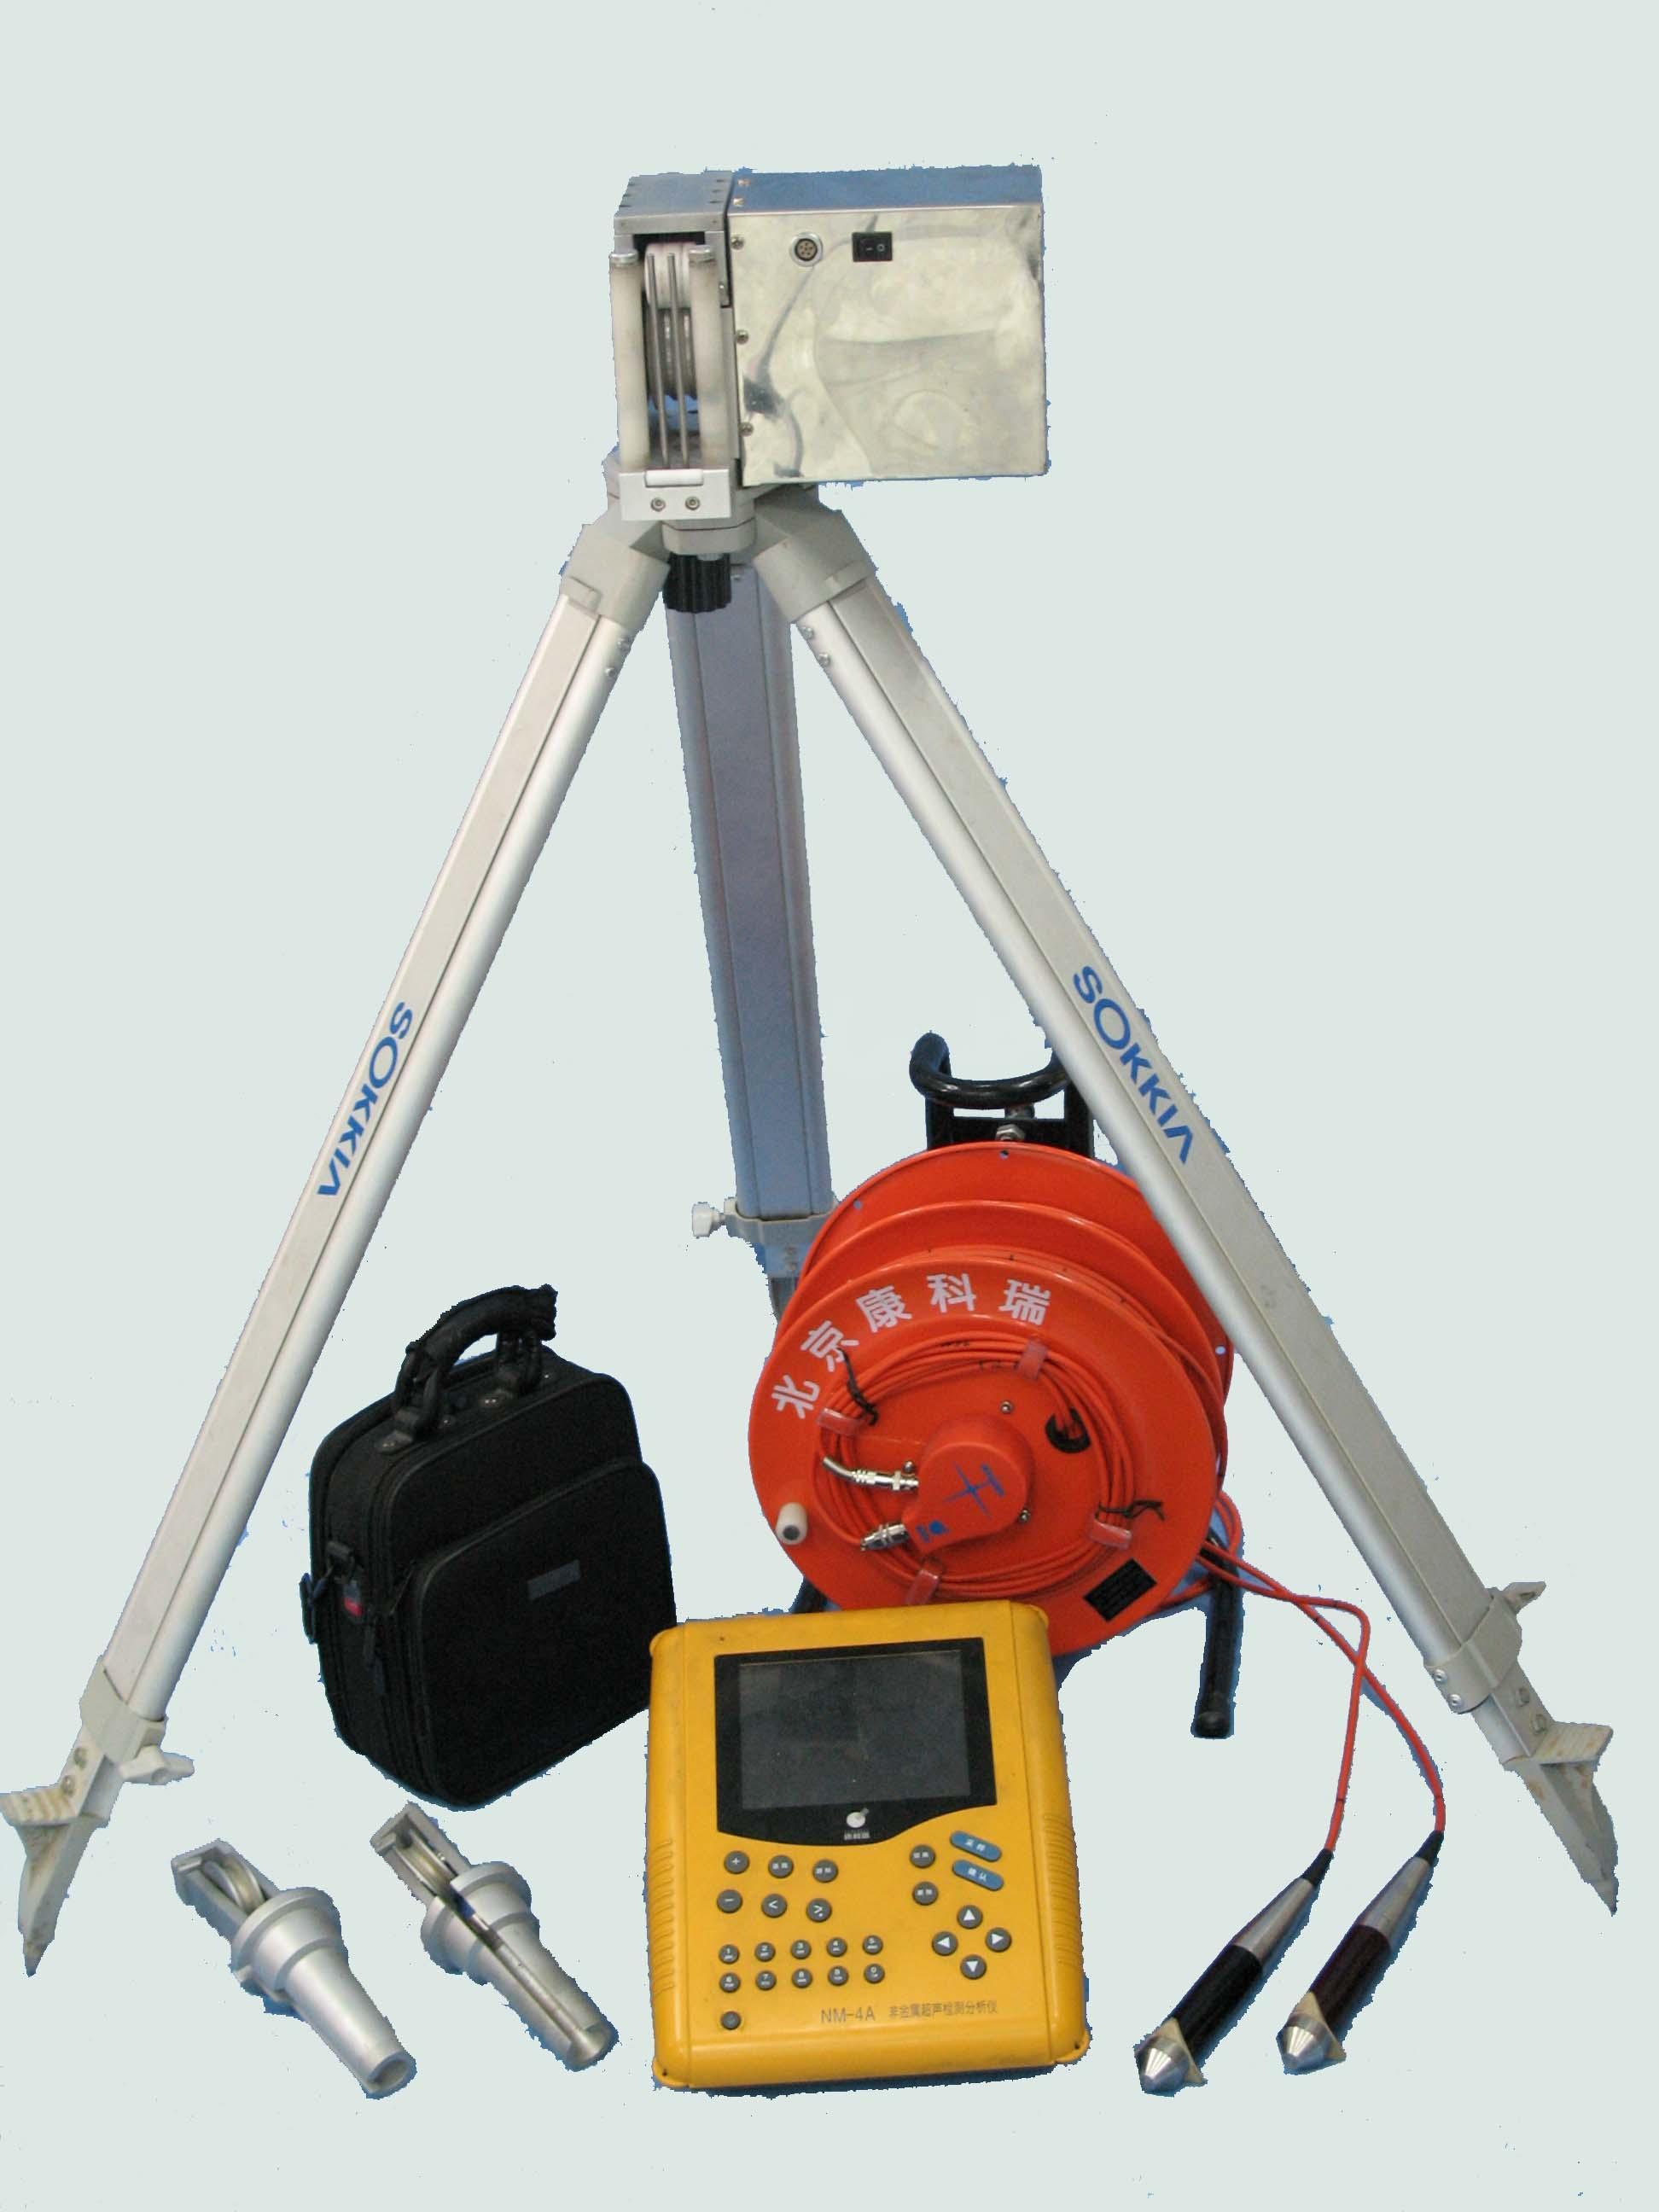 NM-4A 跨孔法全自动声测系统(全自动测桩仪)